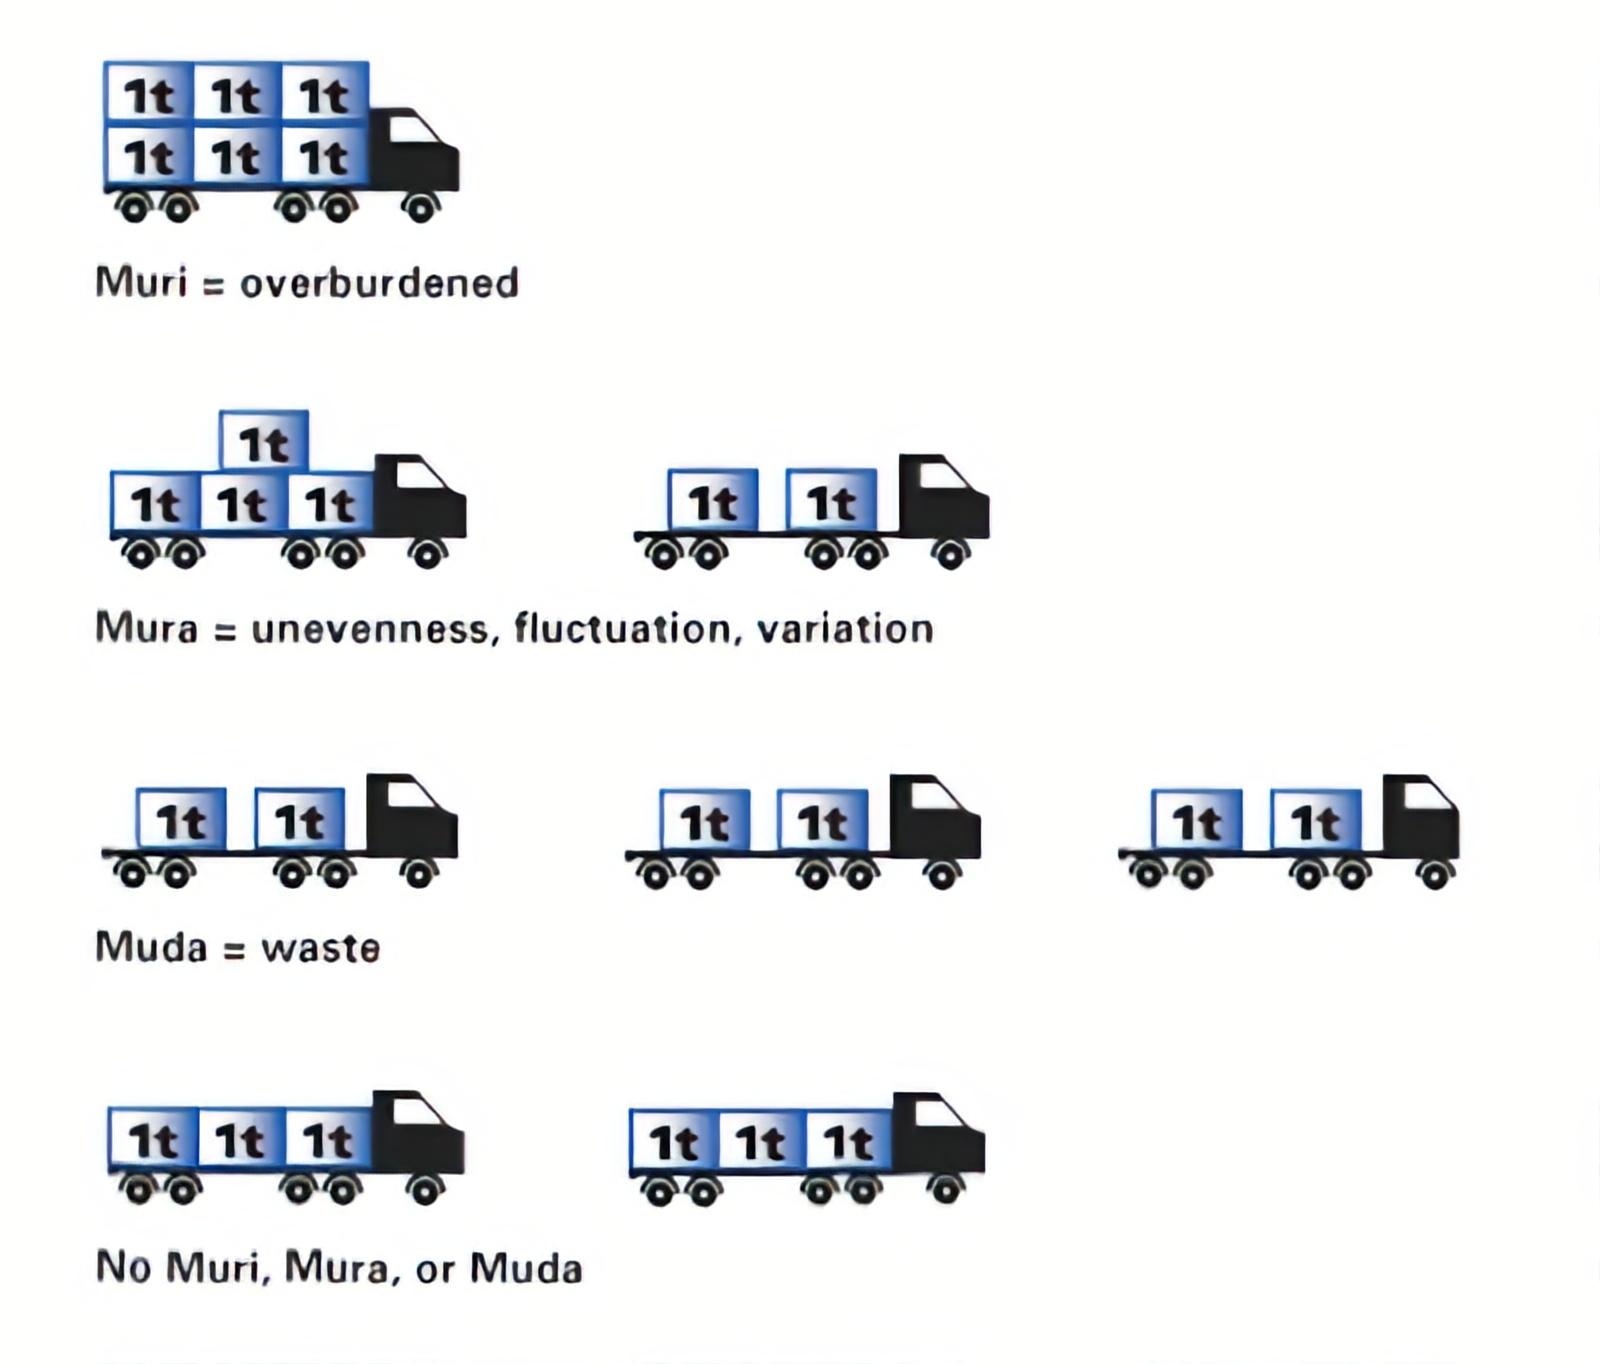 Imagem explicando com exemplo de transporte de cargas a metodologia: Mura, Muda e Muri